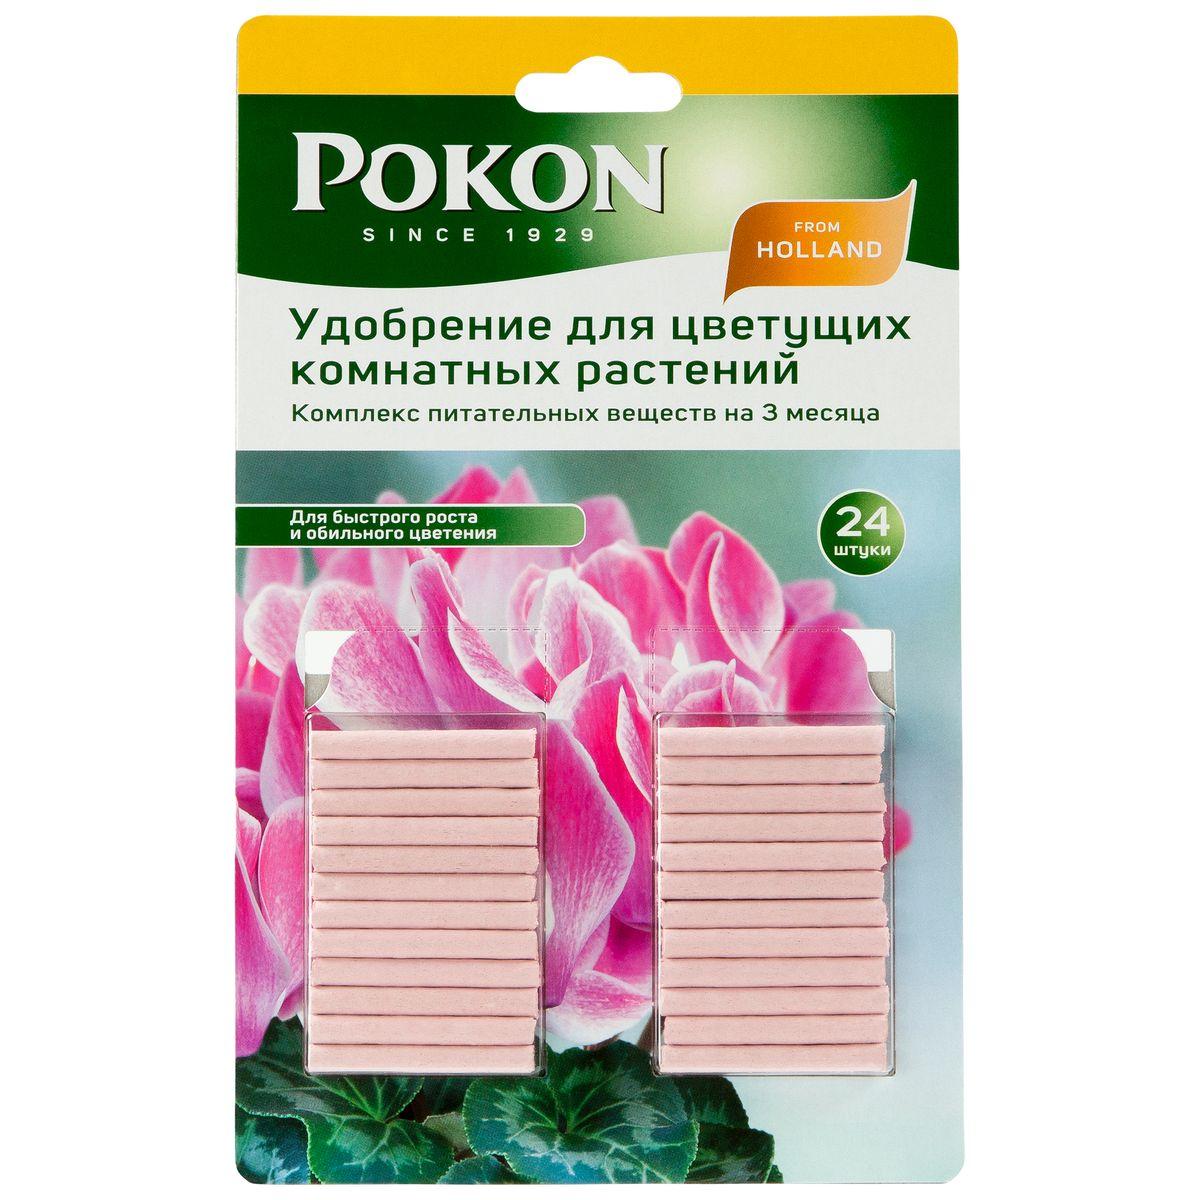 Удобрение Pokon для цветущих растений, в палочках, 24 шт391602Удобрение Pokon для цветущих растений в палочках:NPK 8 + 10 + 14.Удобрение в палочках Pokon содержит тщательно подобранные питательные вещества, сбалансированные для подкормки всех видов цветущих растений. Эта высококачественная смесь исключает риск корневых ожогов.Инструкция по применению:- Измерьте диаметр горшка с растением и определите нужное количество палочек по прилагаемой таблице.- Полностью воткните палочки в грунт, равномерно распределив их вокруг растения.- Полейте грунт, и удобрение немедленно начнет действовать.- Добавляйте новые палочки каждые три месяца.Состав:8% — общее содержание азота (N);1% — нитратный азот;0,5% — аммонийный азот;6,5% — мочевинный формальдегид;10% — безводная фосфорная кислота (P2O5), растворимая в нейтральном цитрате аммония и воде;14% — водорастворимый оксид калия (K2O).Удобрение соответствует нормам ЕС.